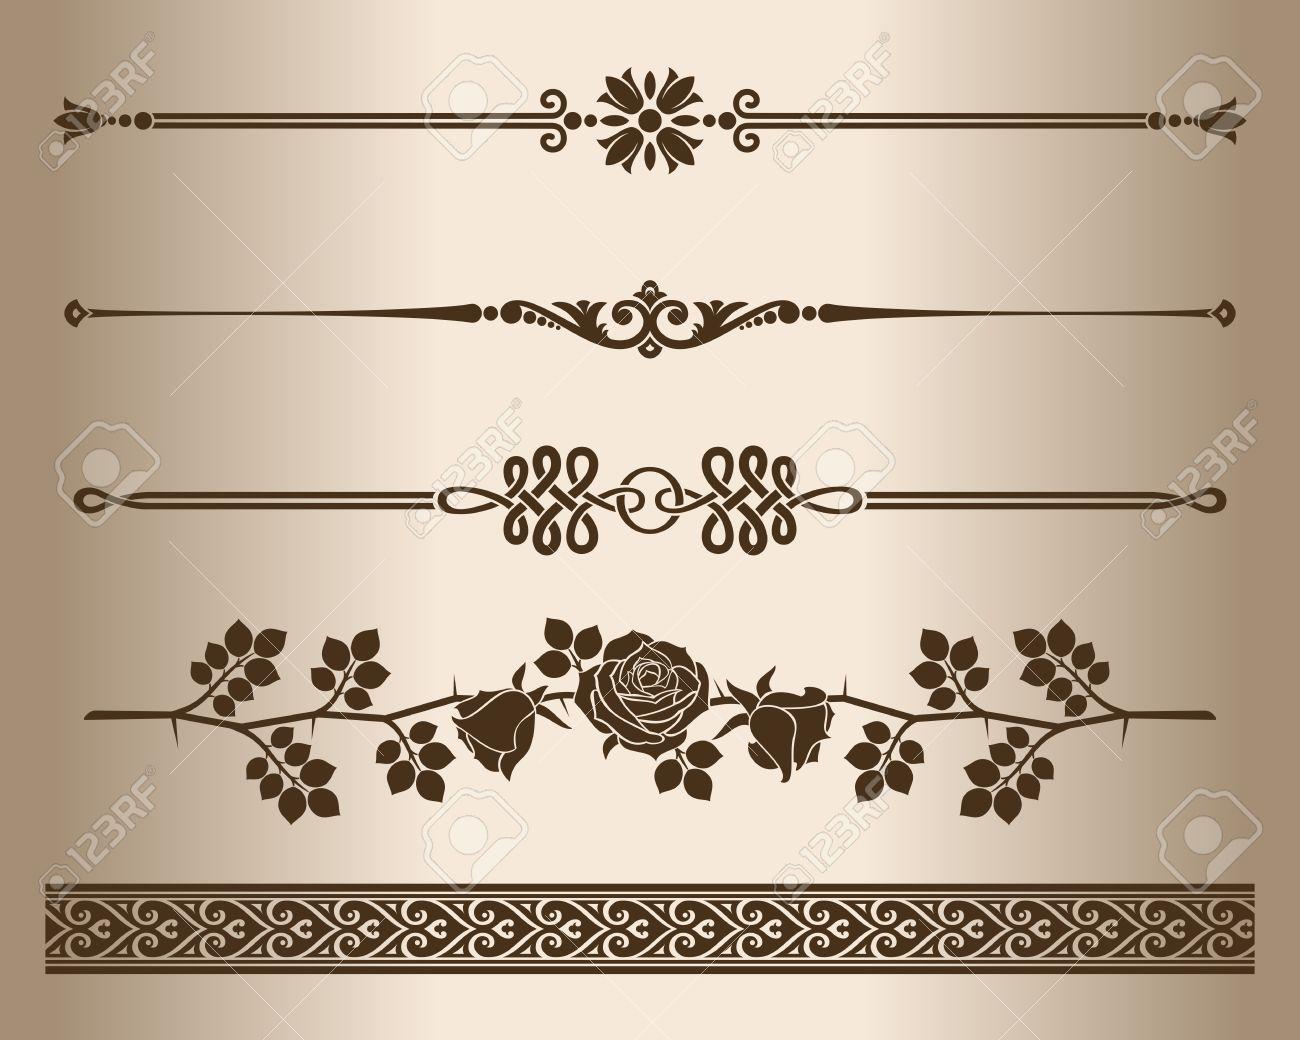 decorative lines design elements decorative line dividers